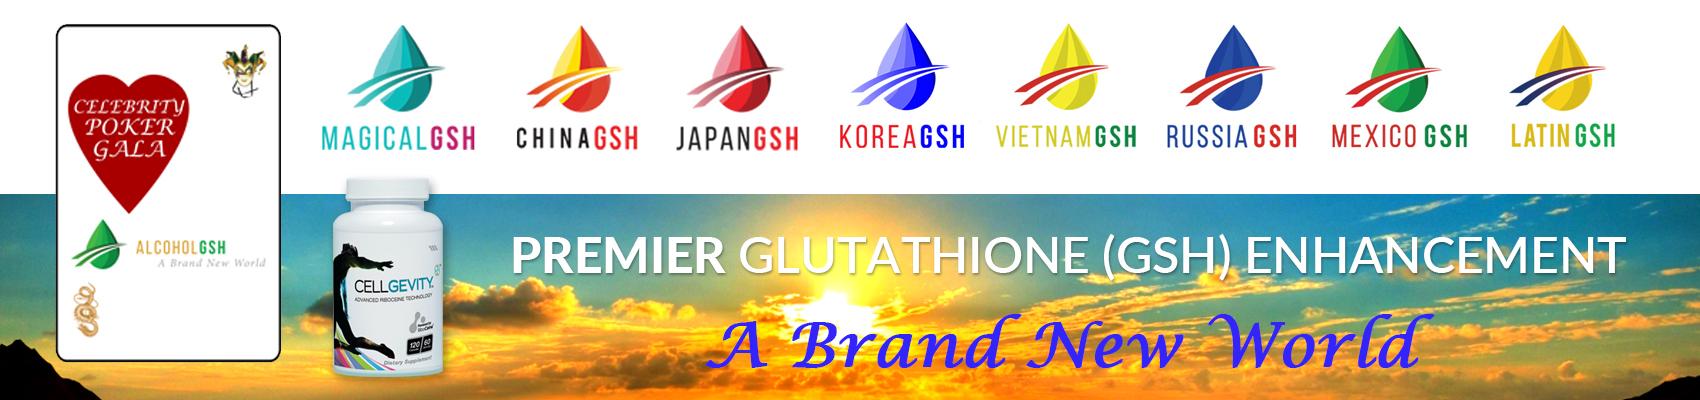 AGSH-Banner-2 4.2.2020